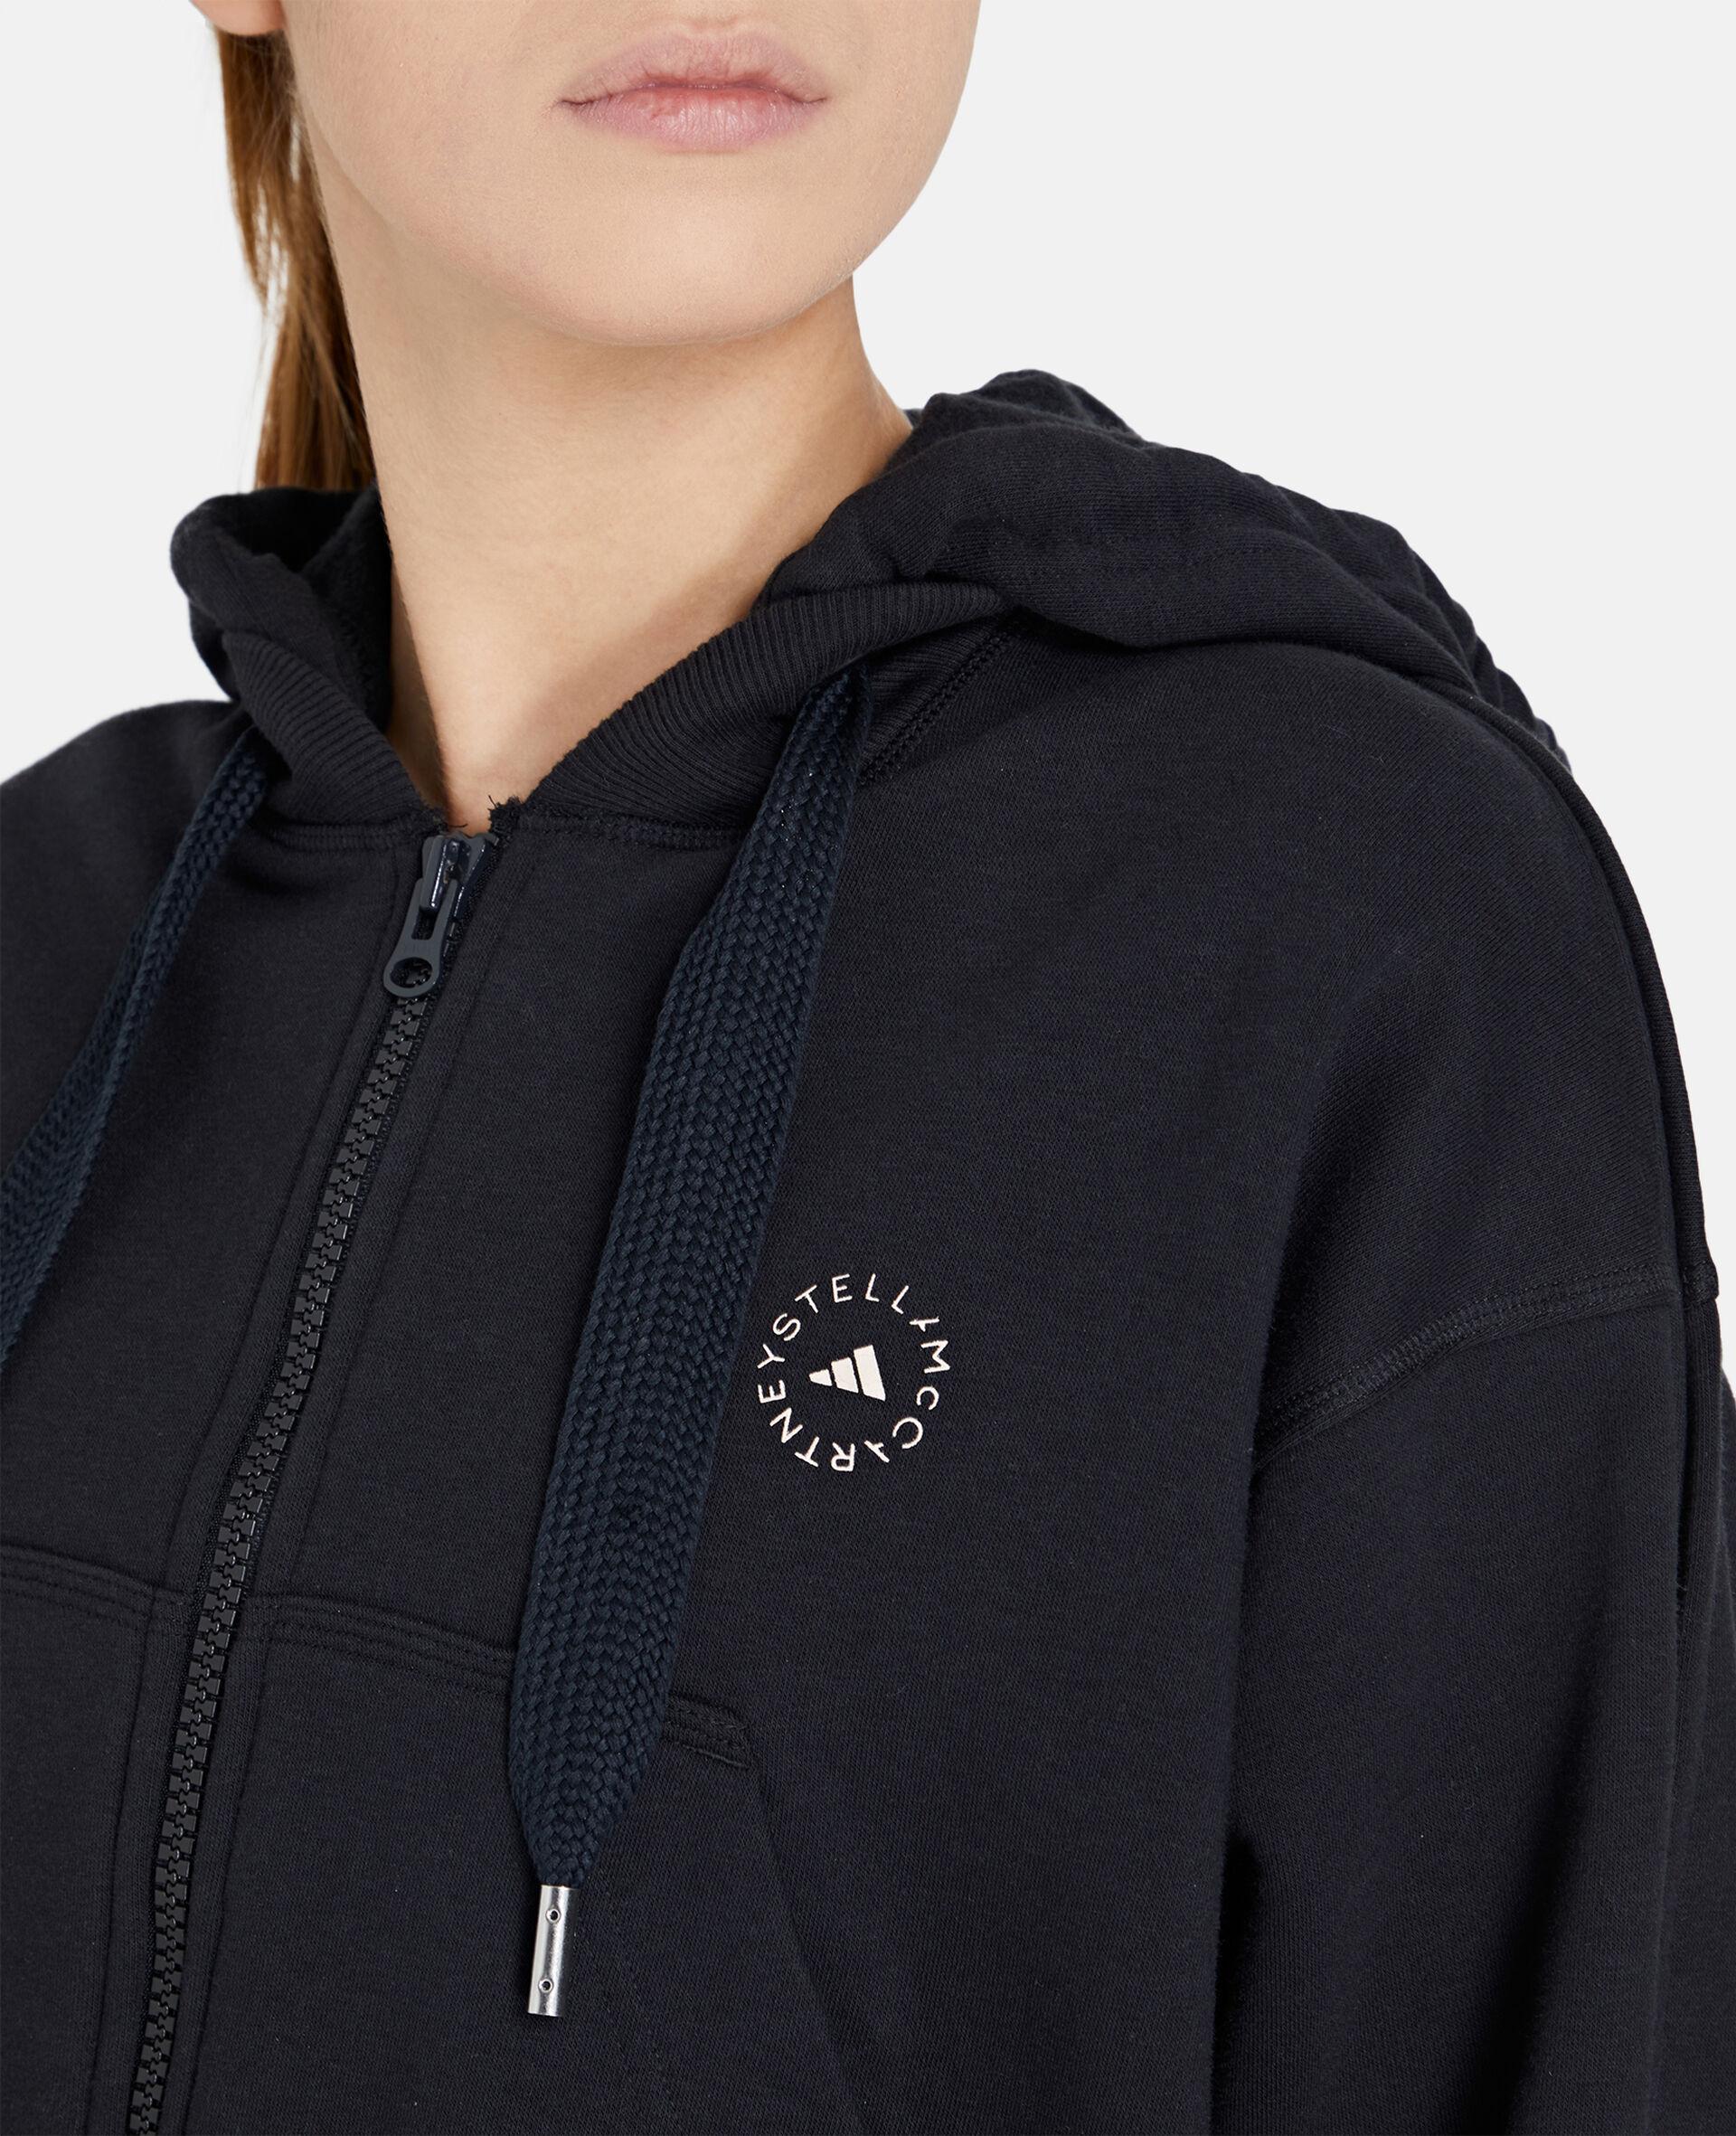 Black Full-zip Cropped Hoodie-Black-large image number 3